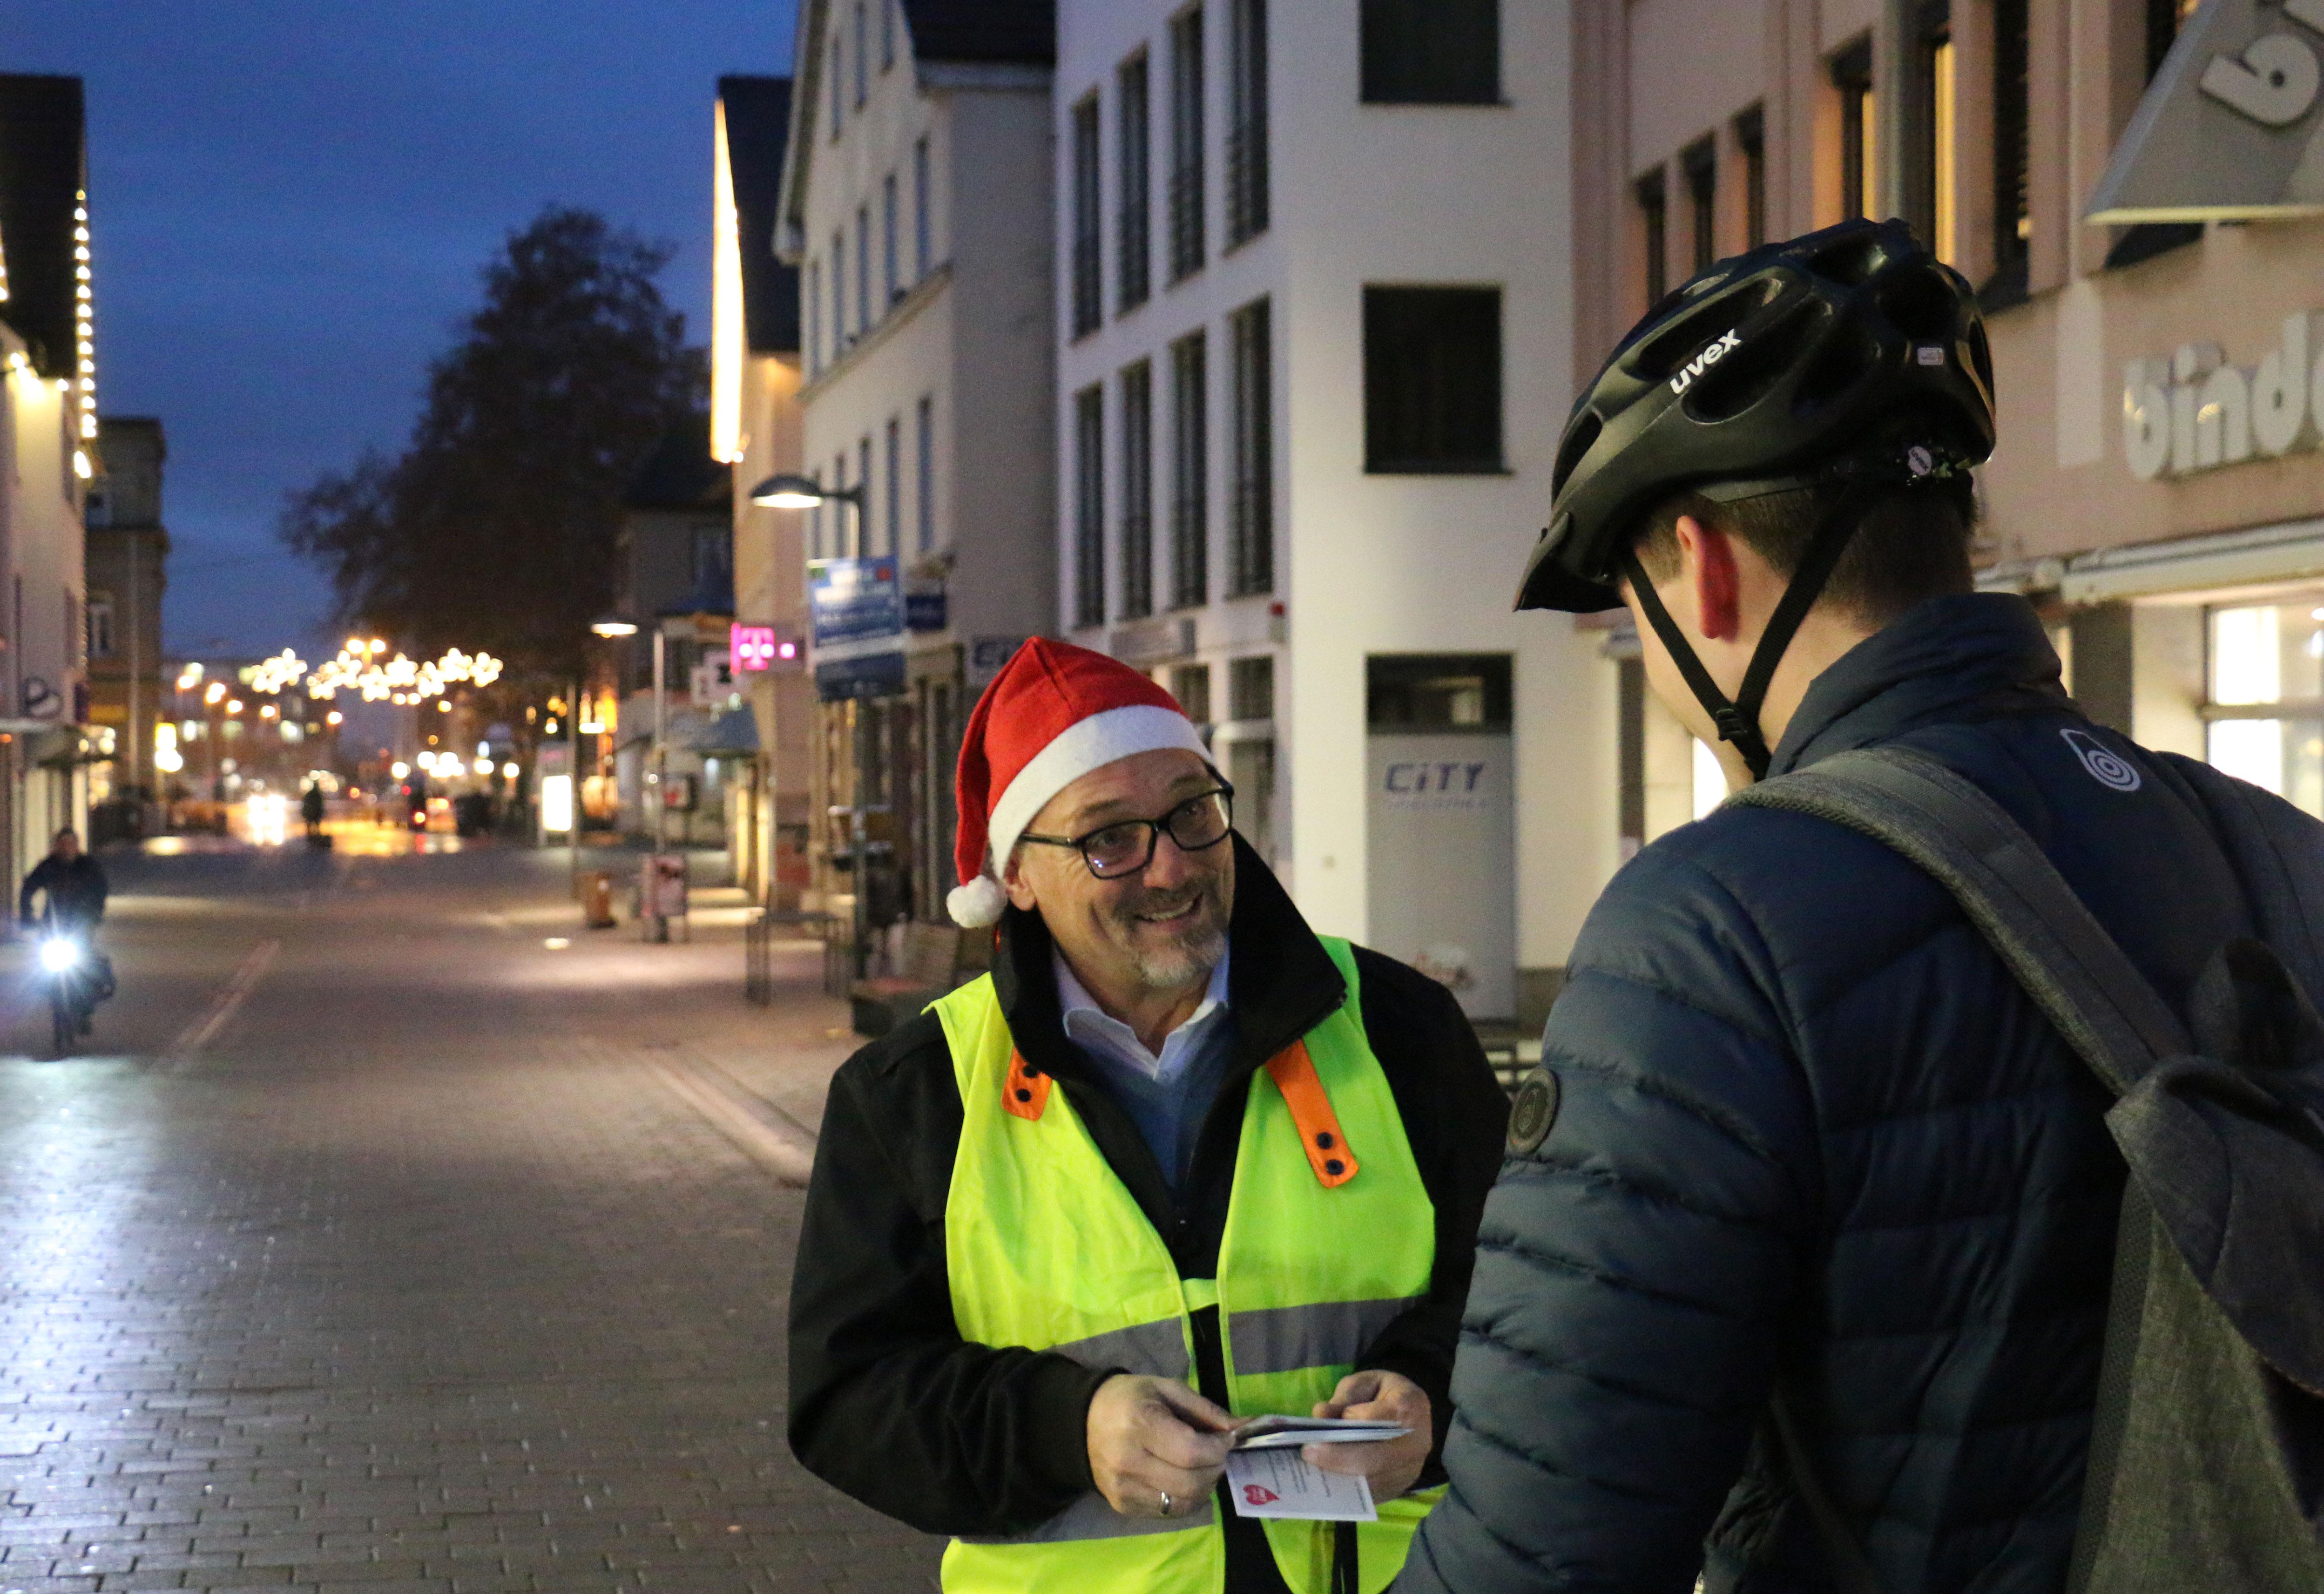 Erster Bürgermeister Günter Riemer übergibt bei der Nikolaus-Aktion einen Gutschein an einen Radfahrer.